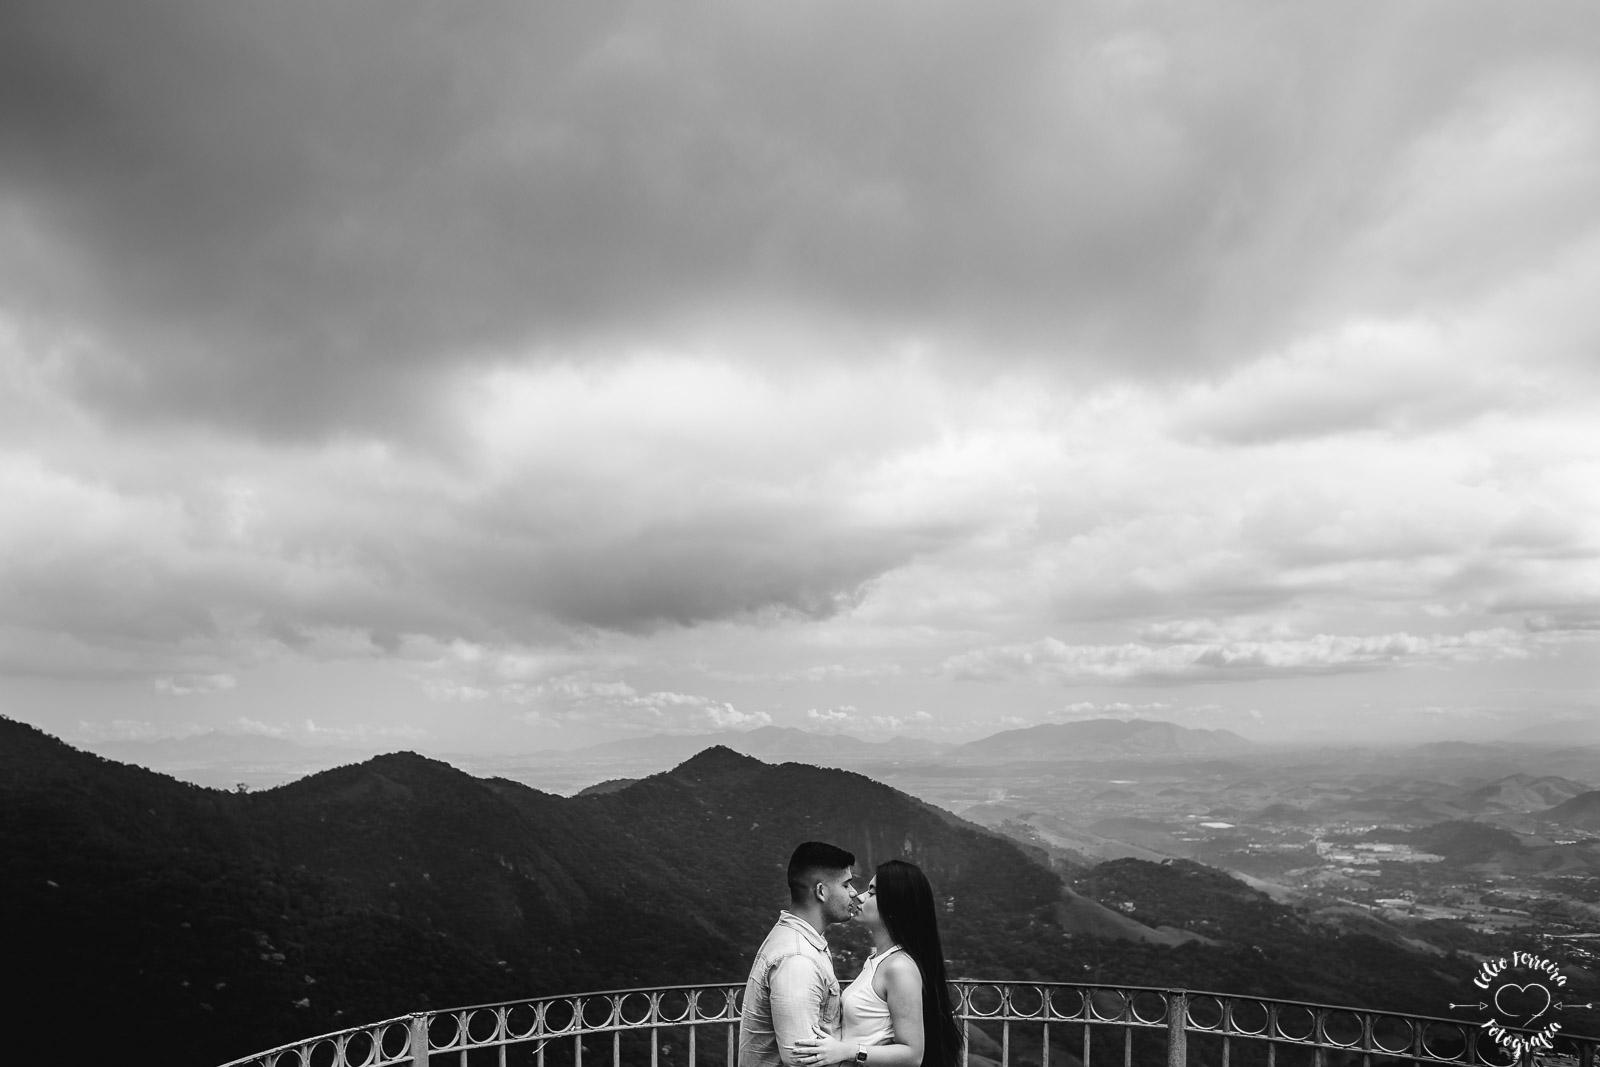 Contate Fotógrafo de casamento Rio de Janeiro - RJ  Célio ferreira Fotografia